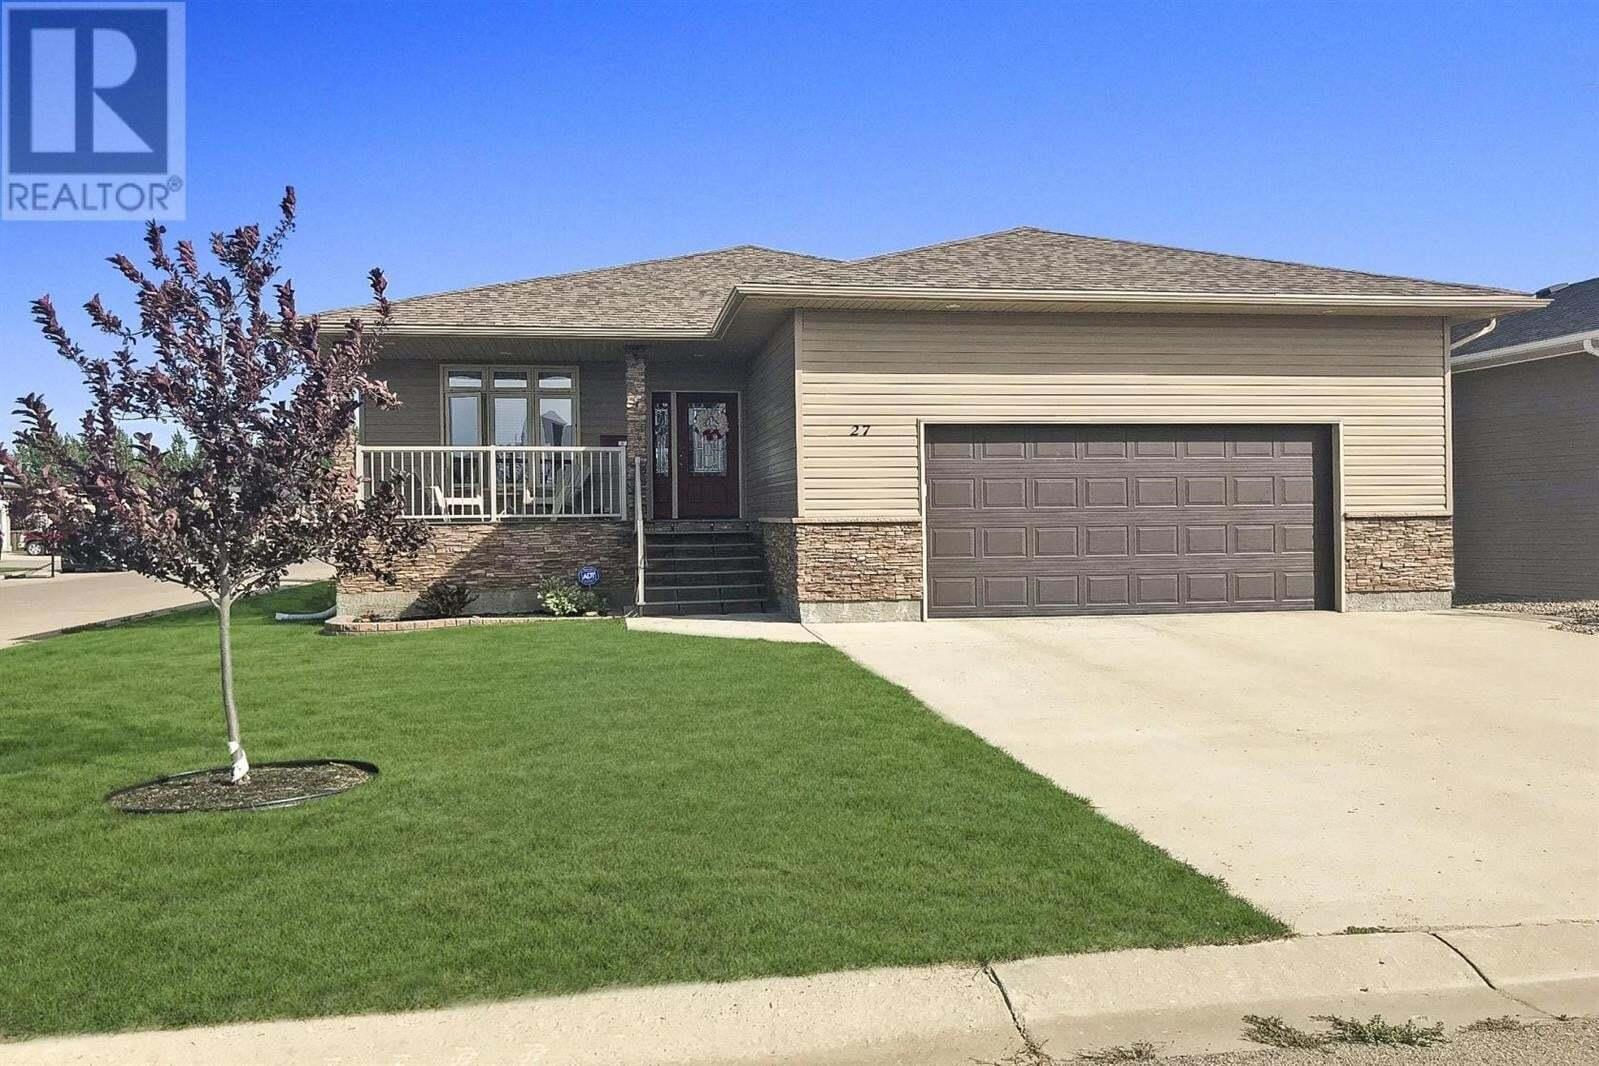 House for sale at 27 Belmont Cres Moose Jaw Saskatchewan - MLS: SK814970